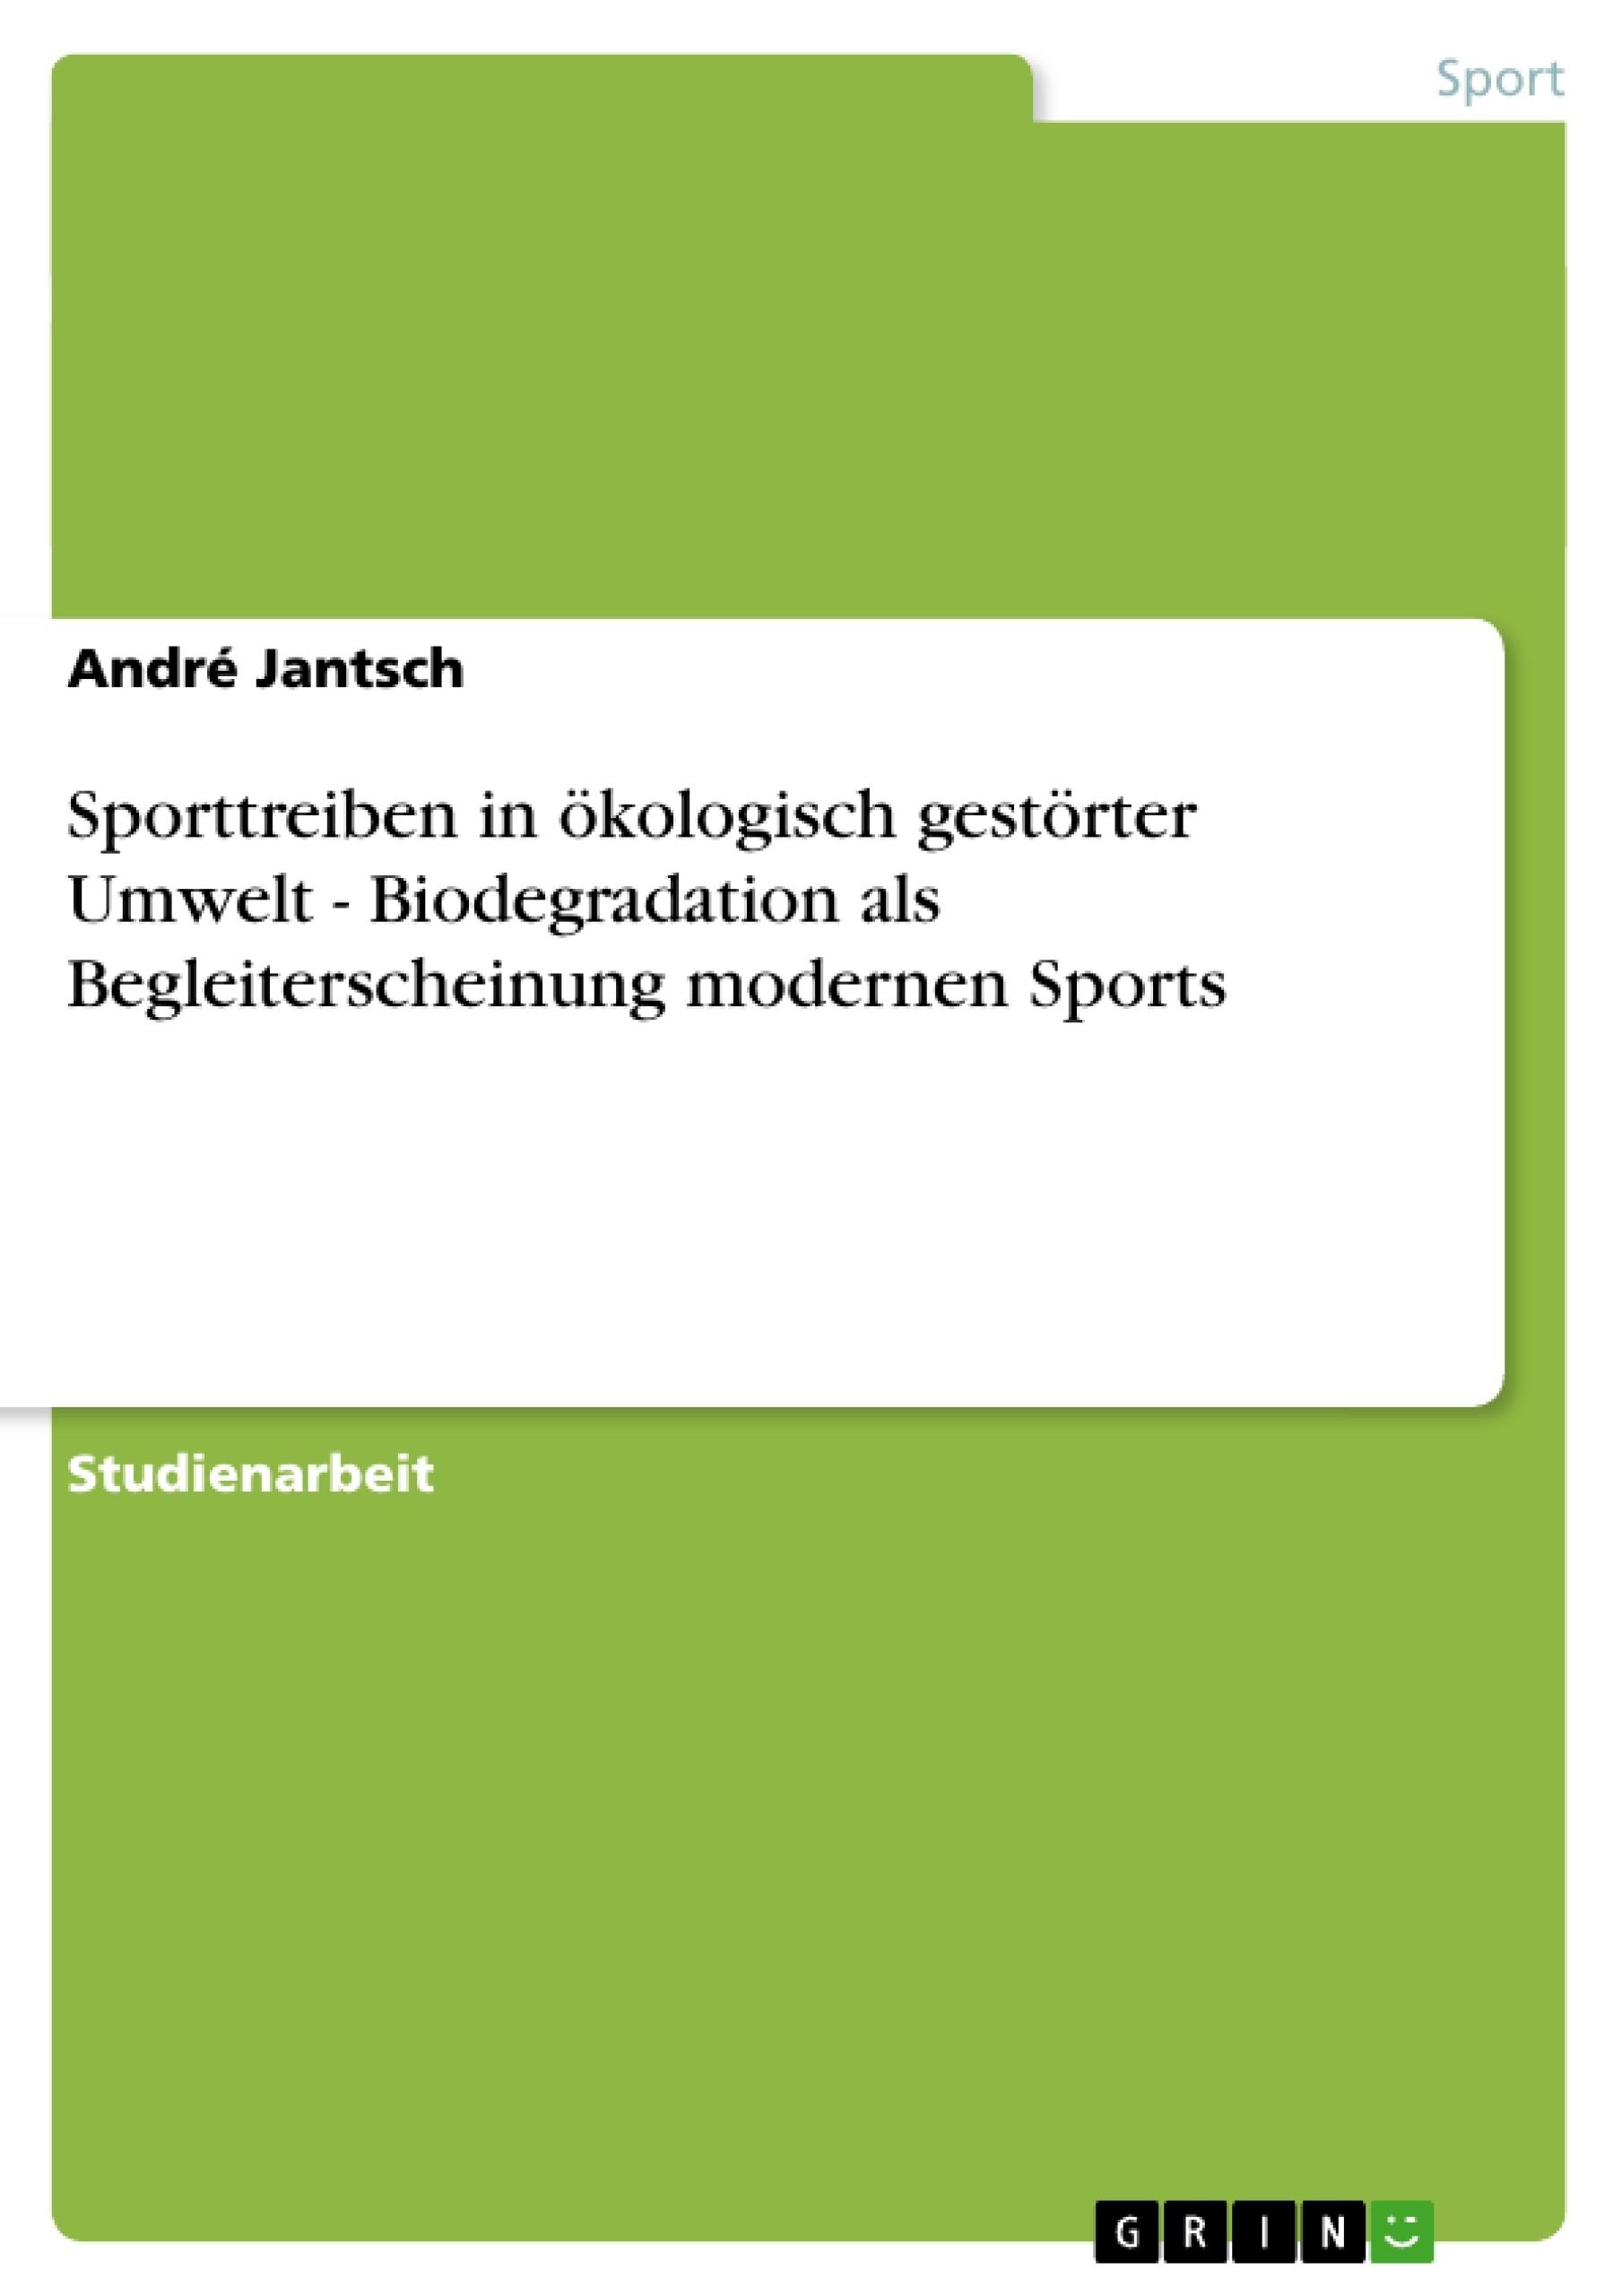 Titel: Sporttreiben in ökologisch gestörter Umwelt - Biodegradation als Begleiterscheinung modernen Sports